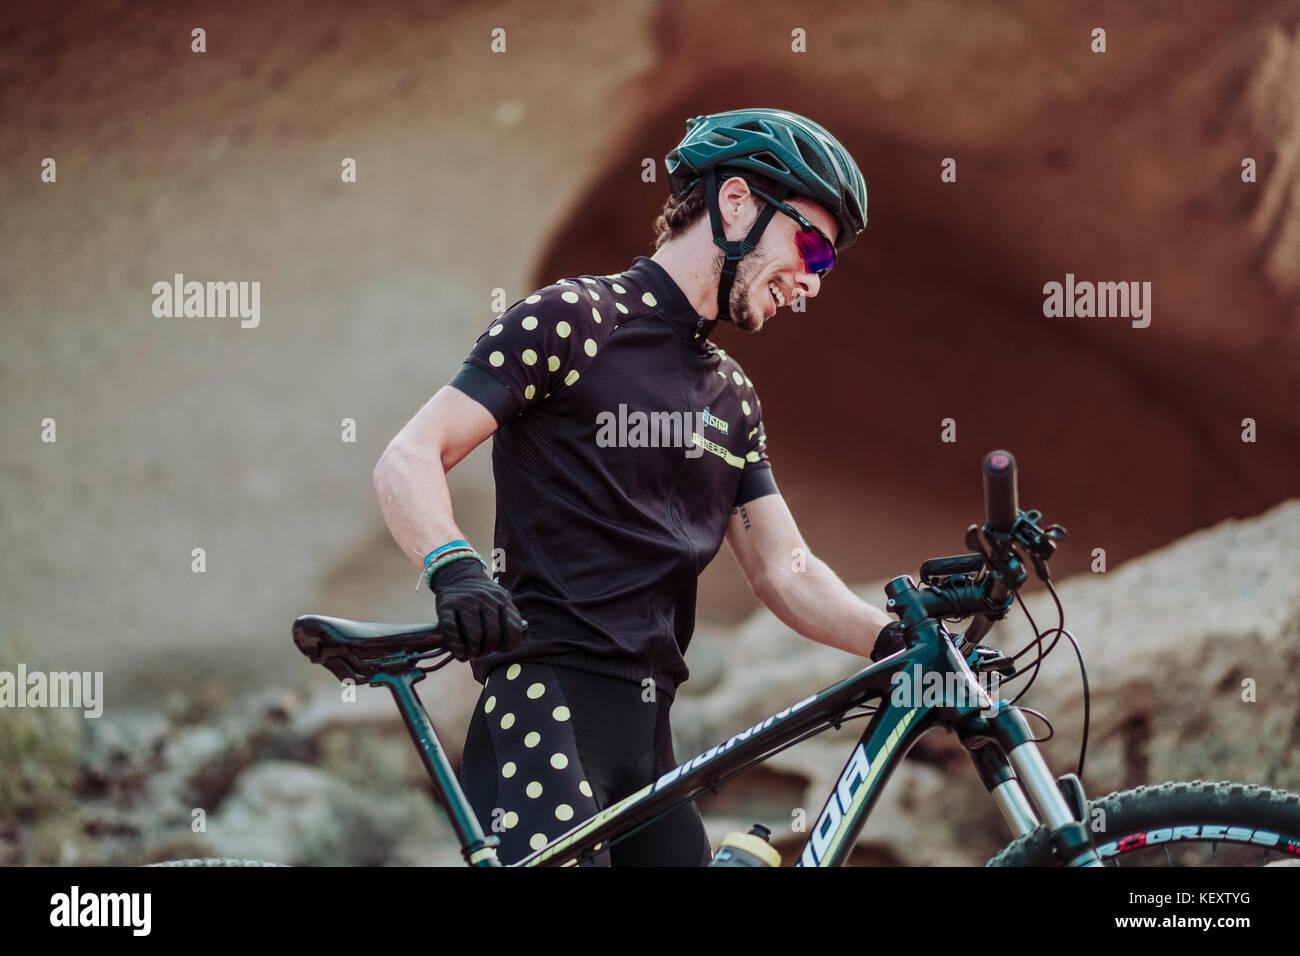 Hombre caminando en el desierto con su bicicleta de montaña, Tenerife, Islas Canarias, España Imagen De Stock